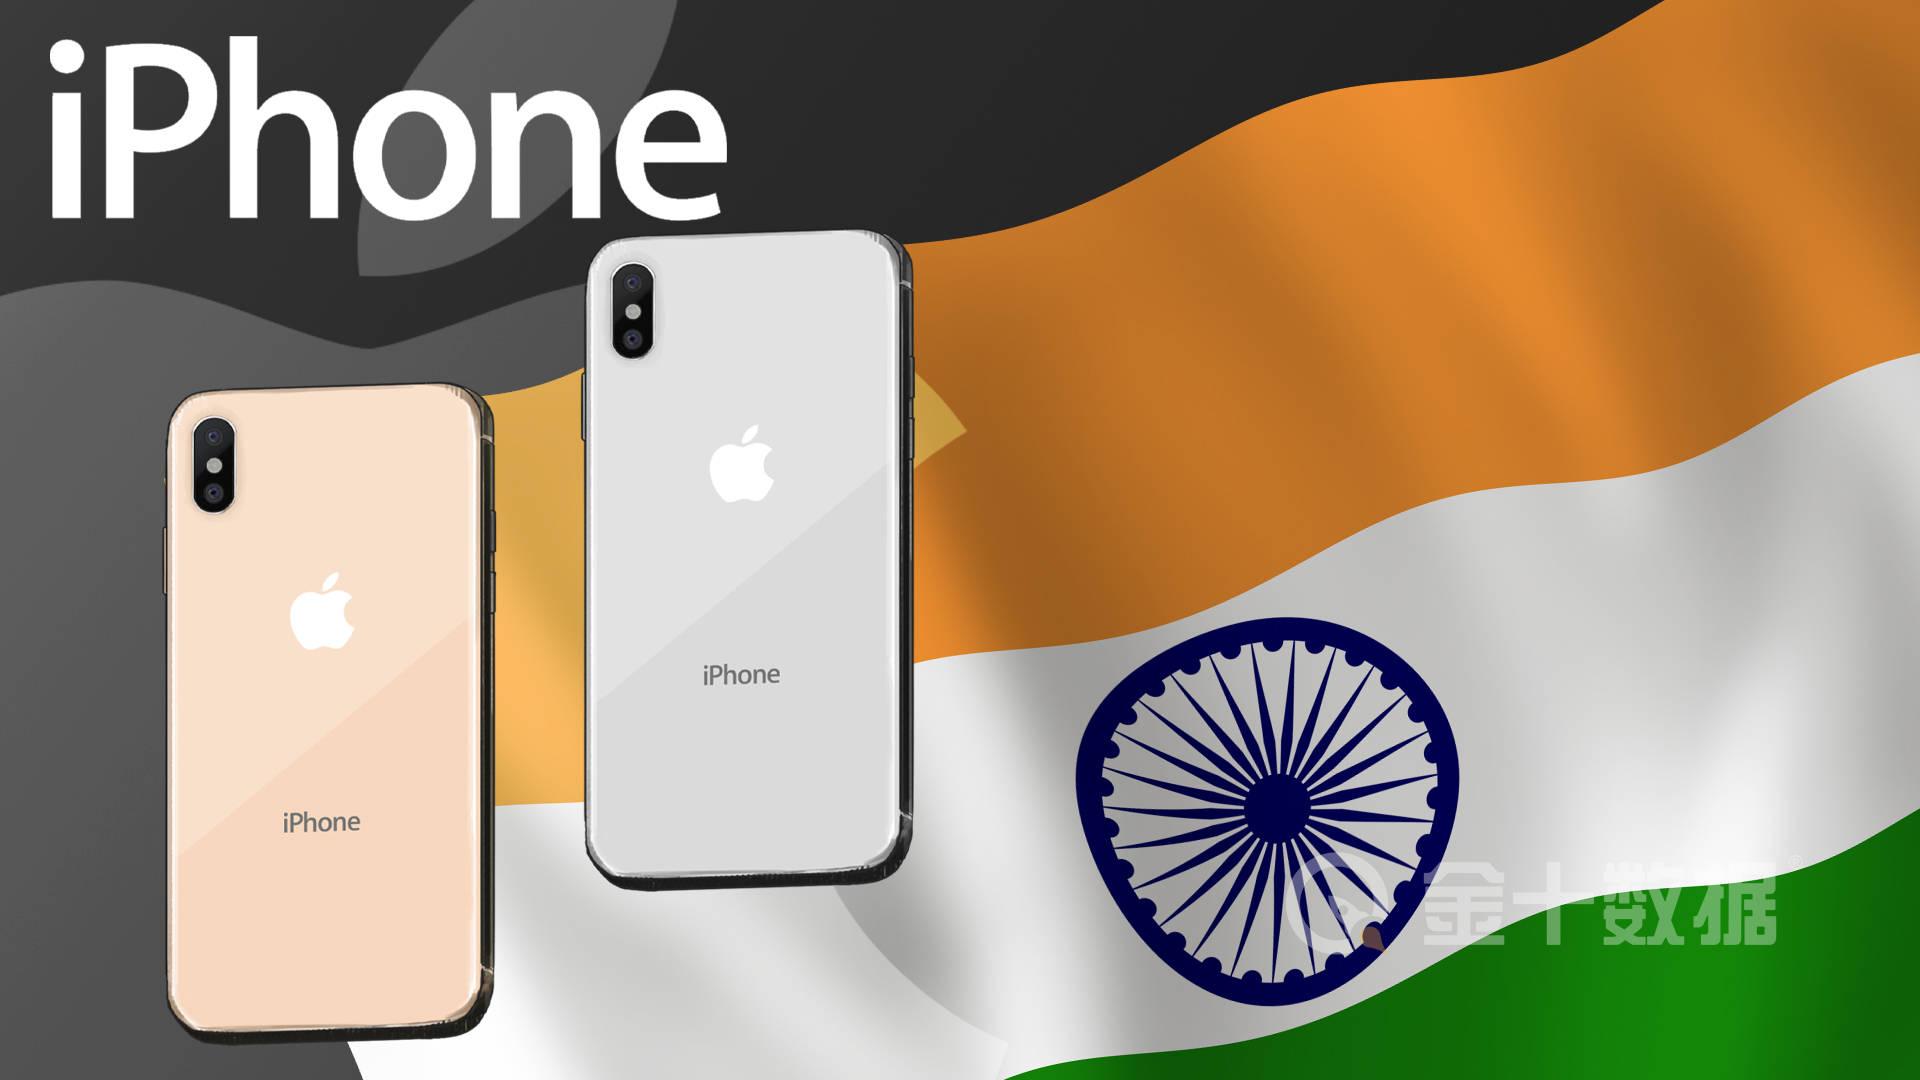 富士康被曝:将投资10亿美元扩建印度iphone工厂?最新表态来了